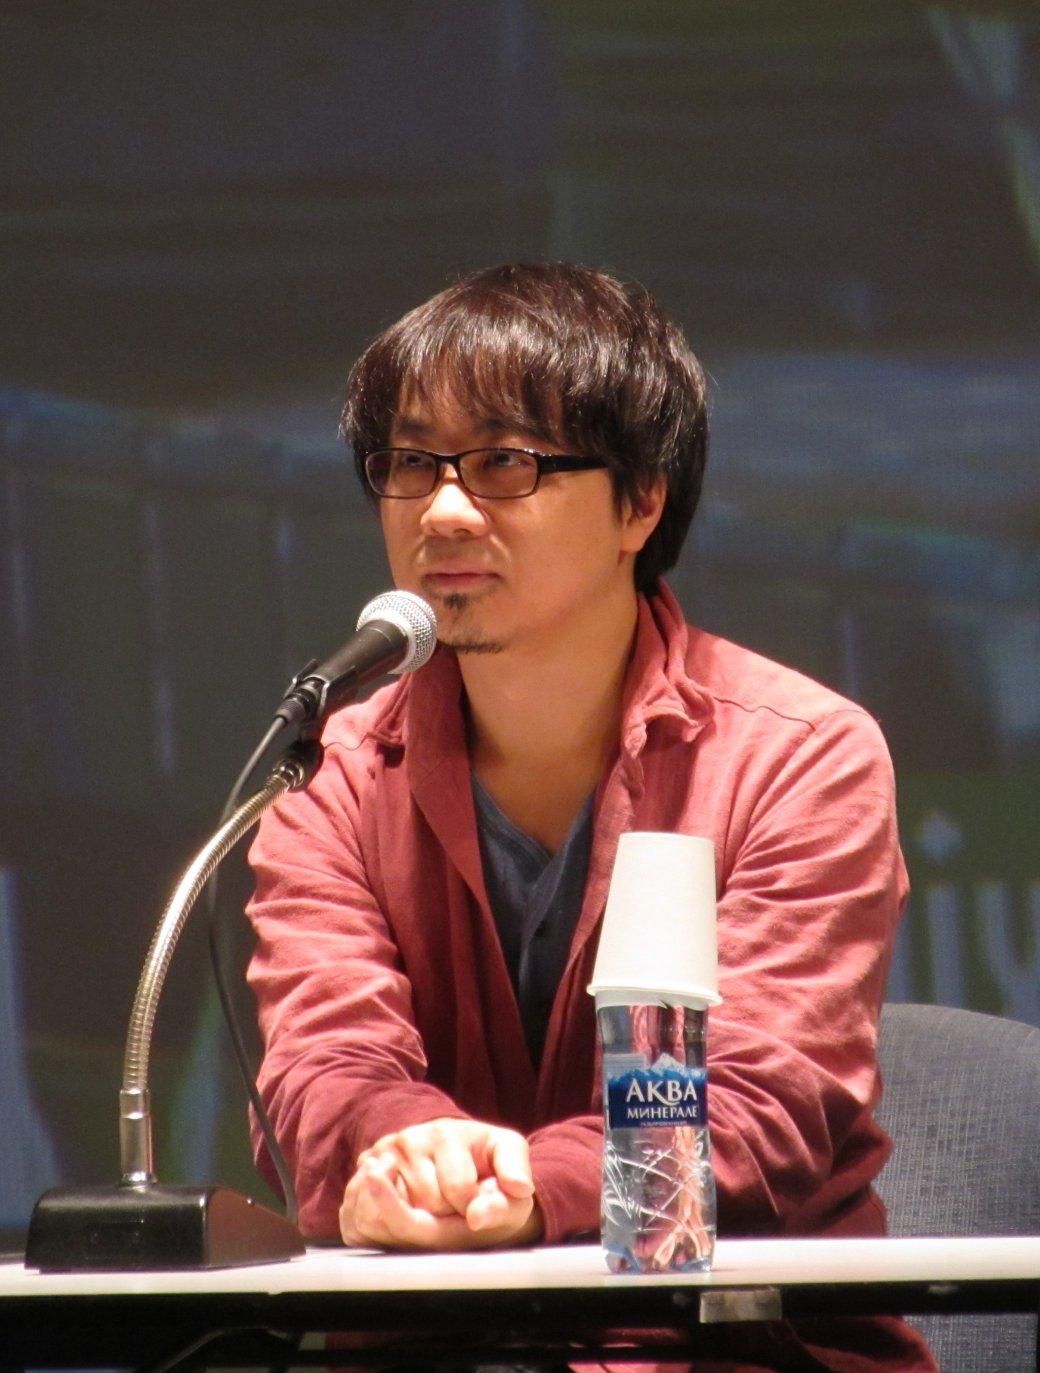 «Мне былобы интересно поработать над видеоигрой»: Макото Синкай омультфильмах Pixar, аниме инебе